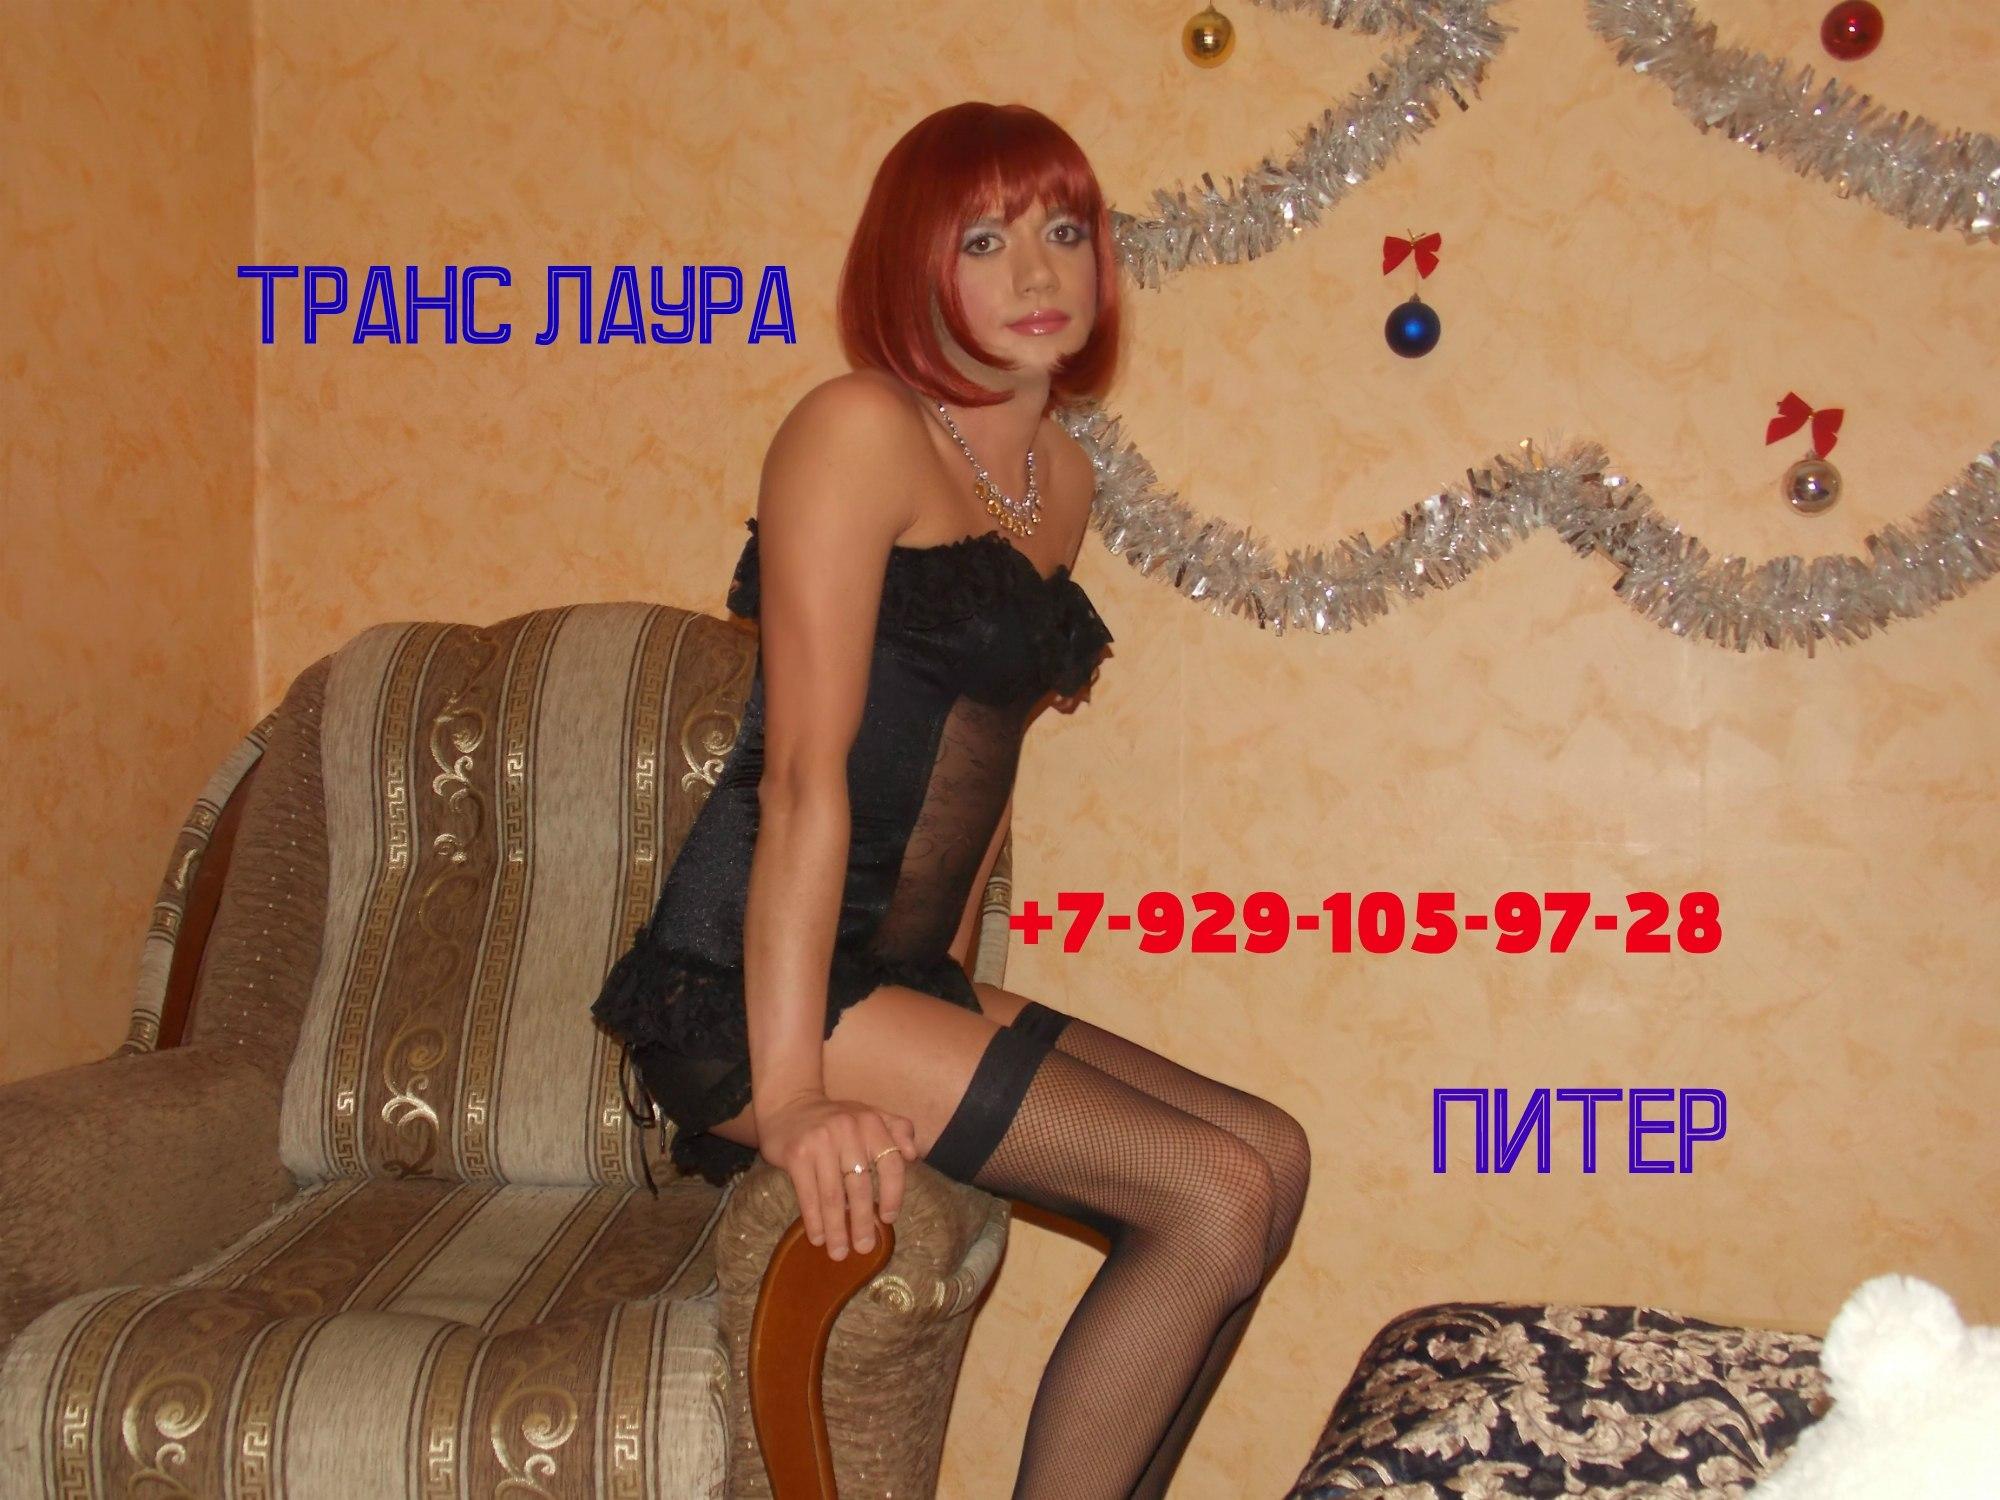 Транссексуалки в москве досуг 14 фотография